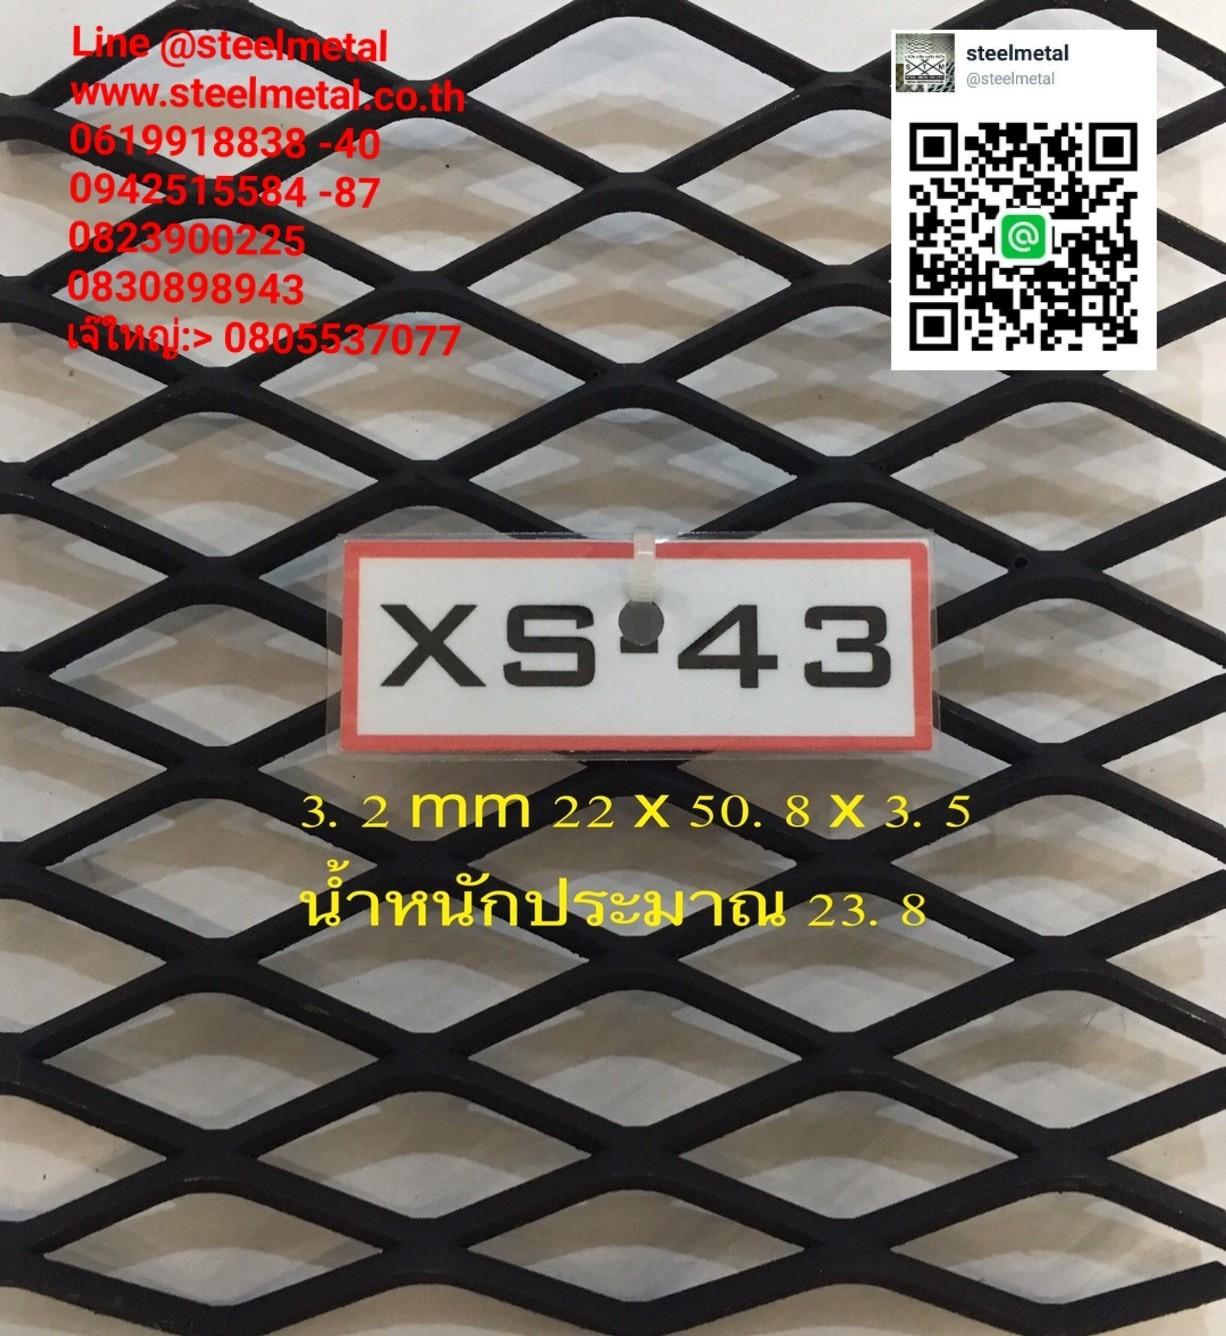 ตะแกรงเหล็กฉีกXS-43